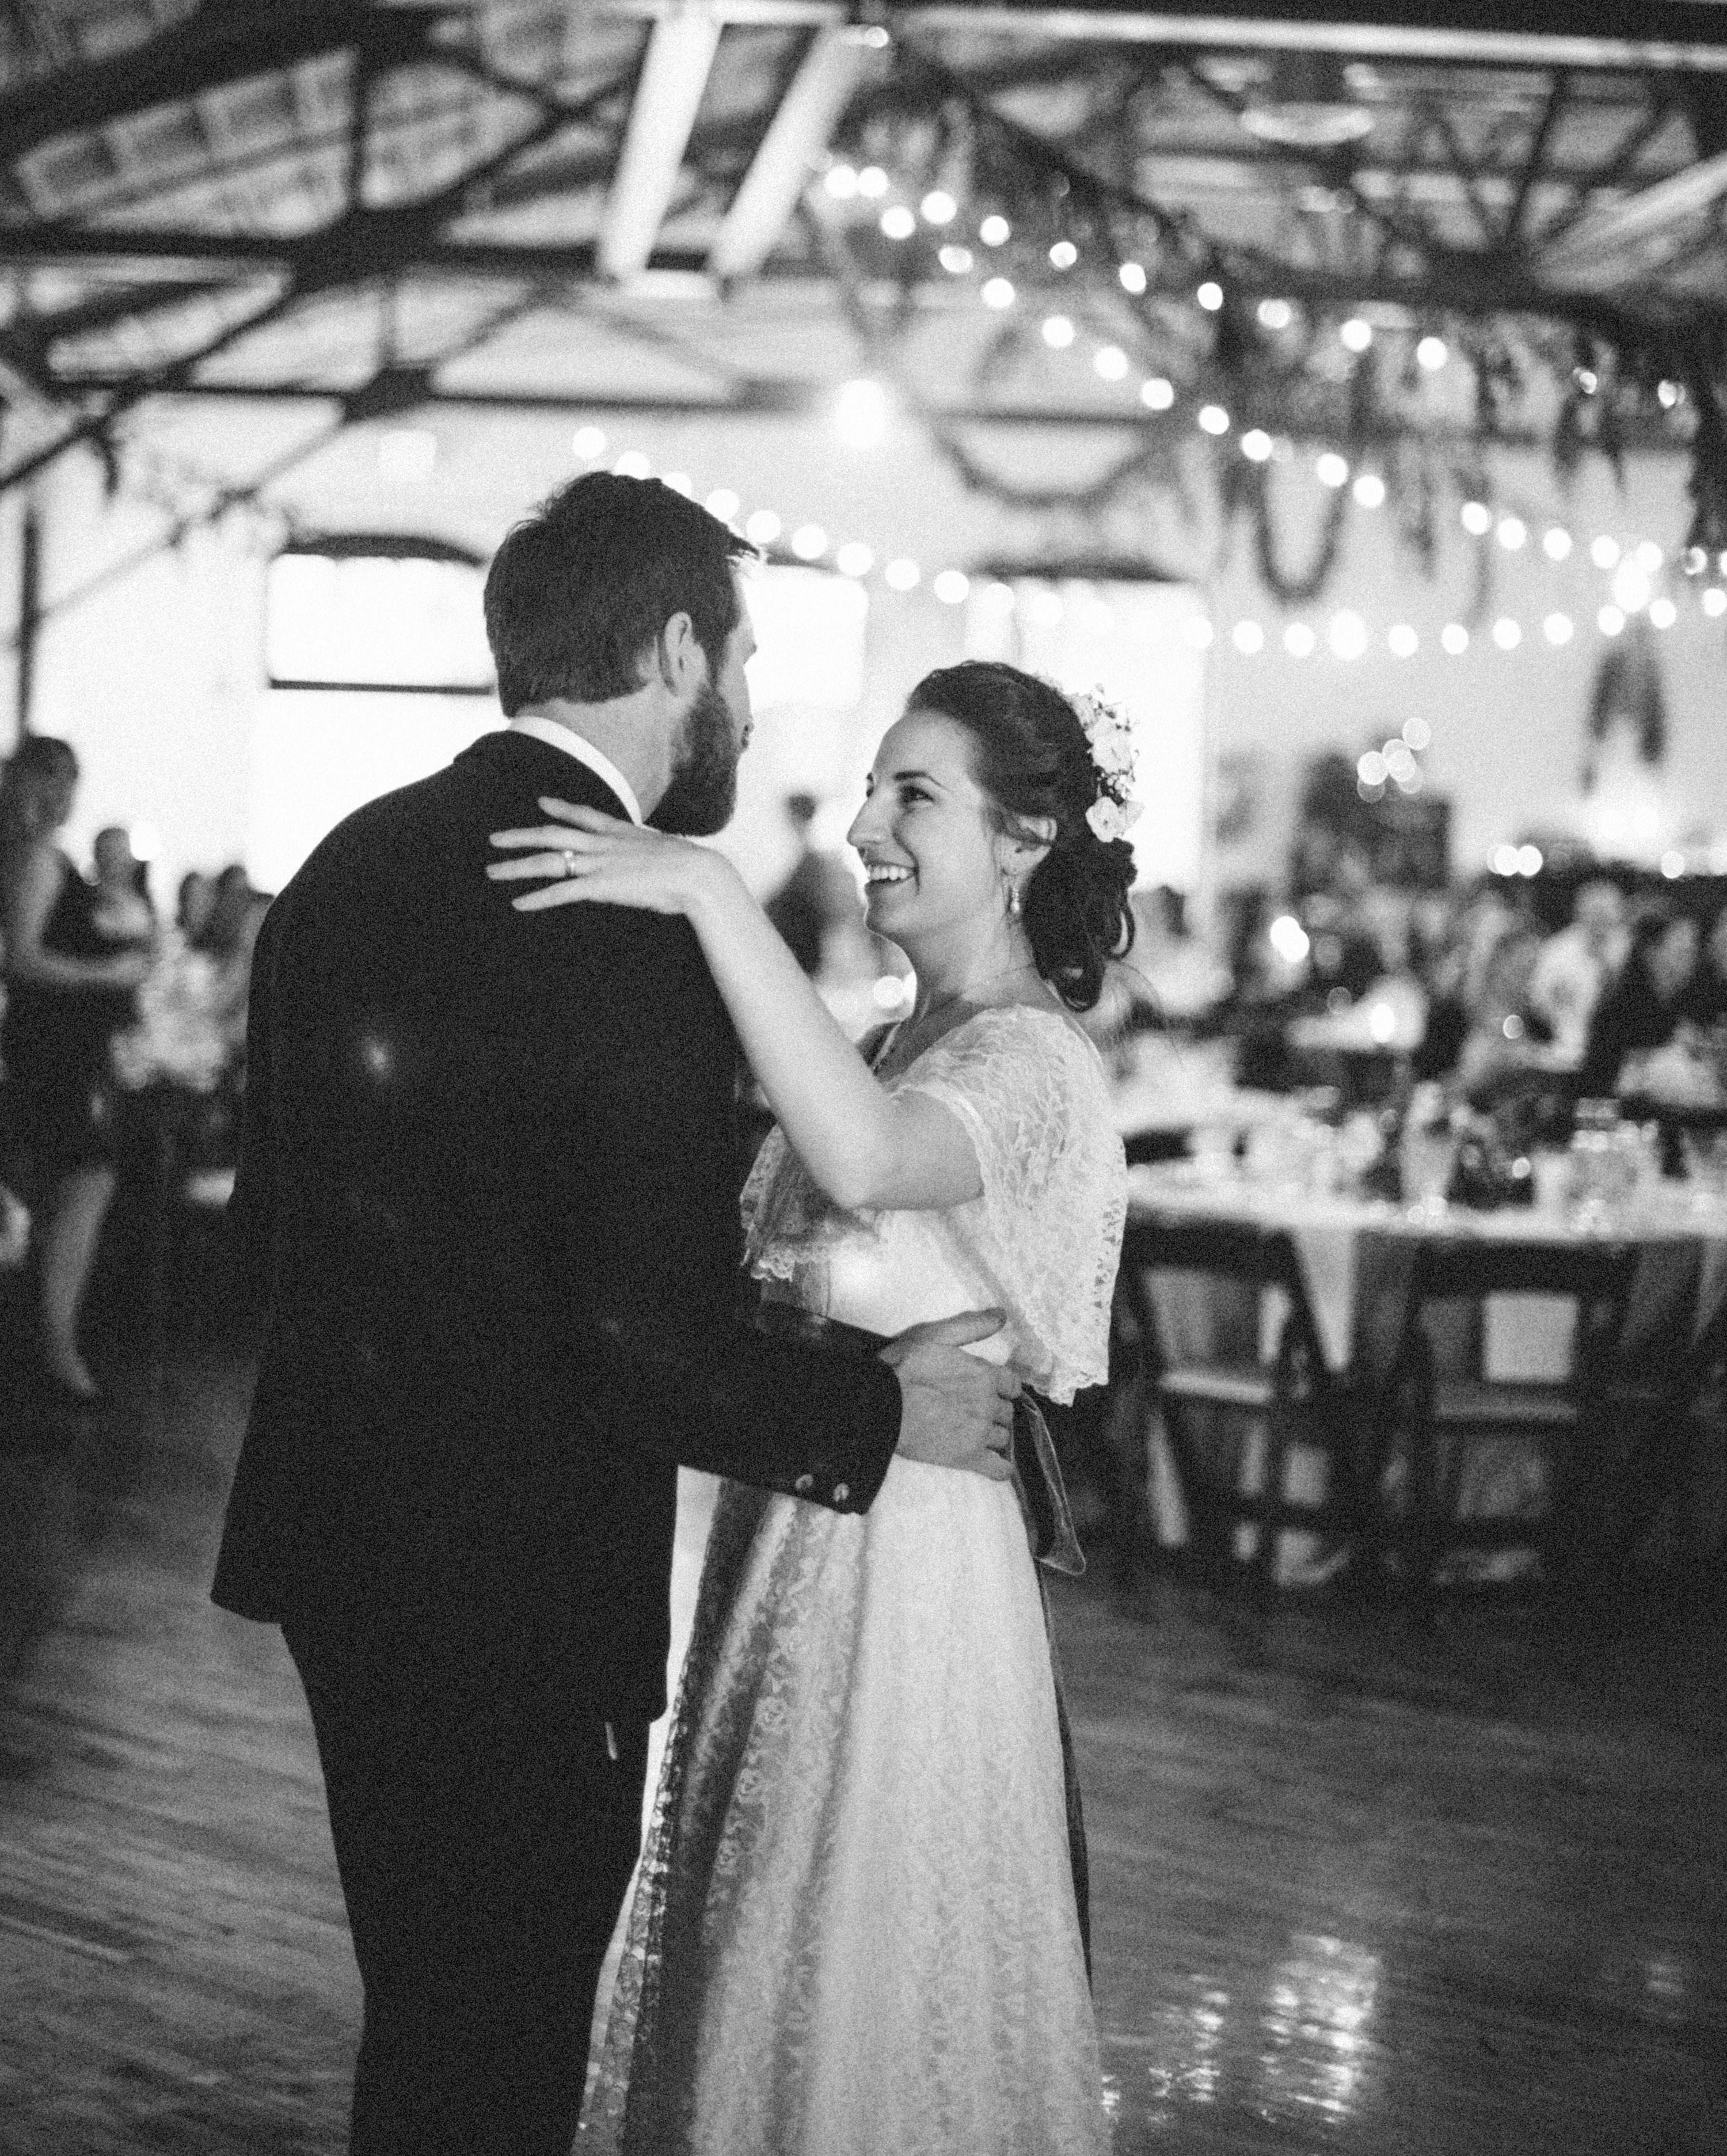 sidney-dane-wedding-dance-440-s112109-0815.jpg